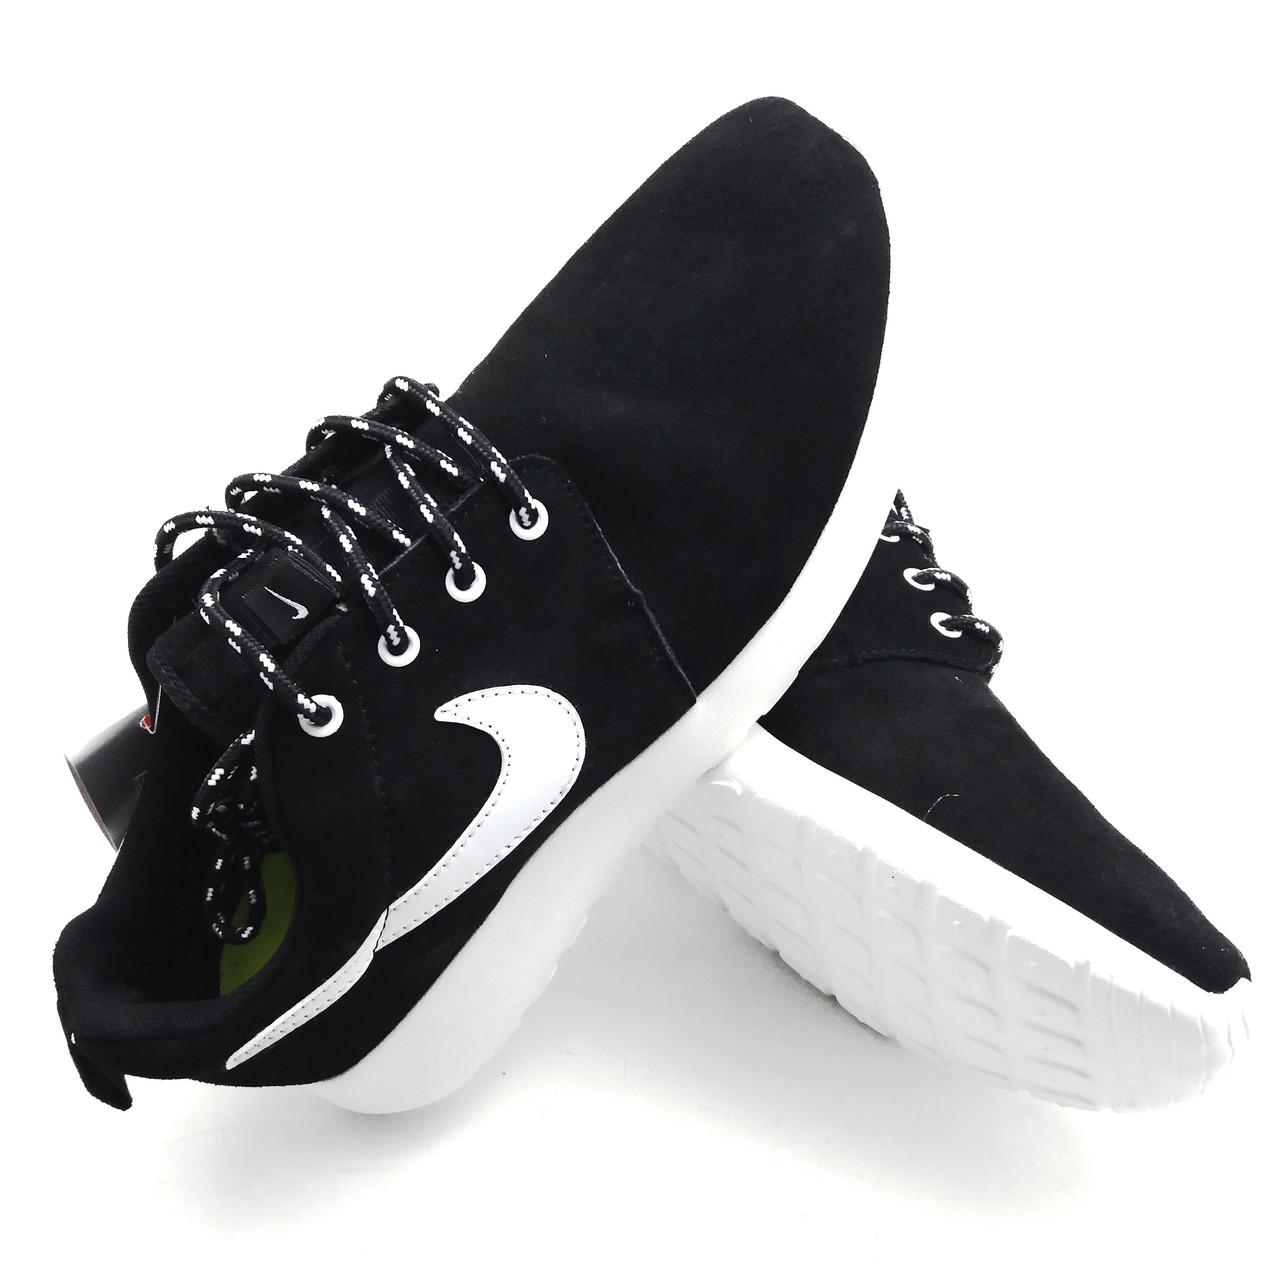 Кроссовки Nike Roshe Run замшевые черные лёгкие удобные подошва пена